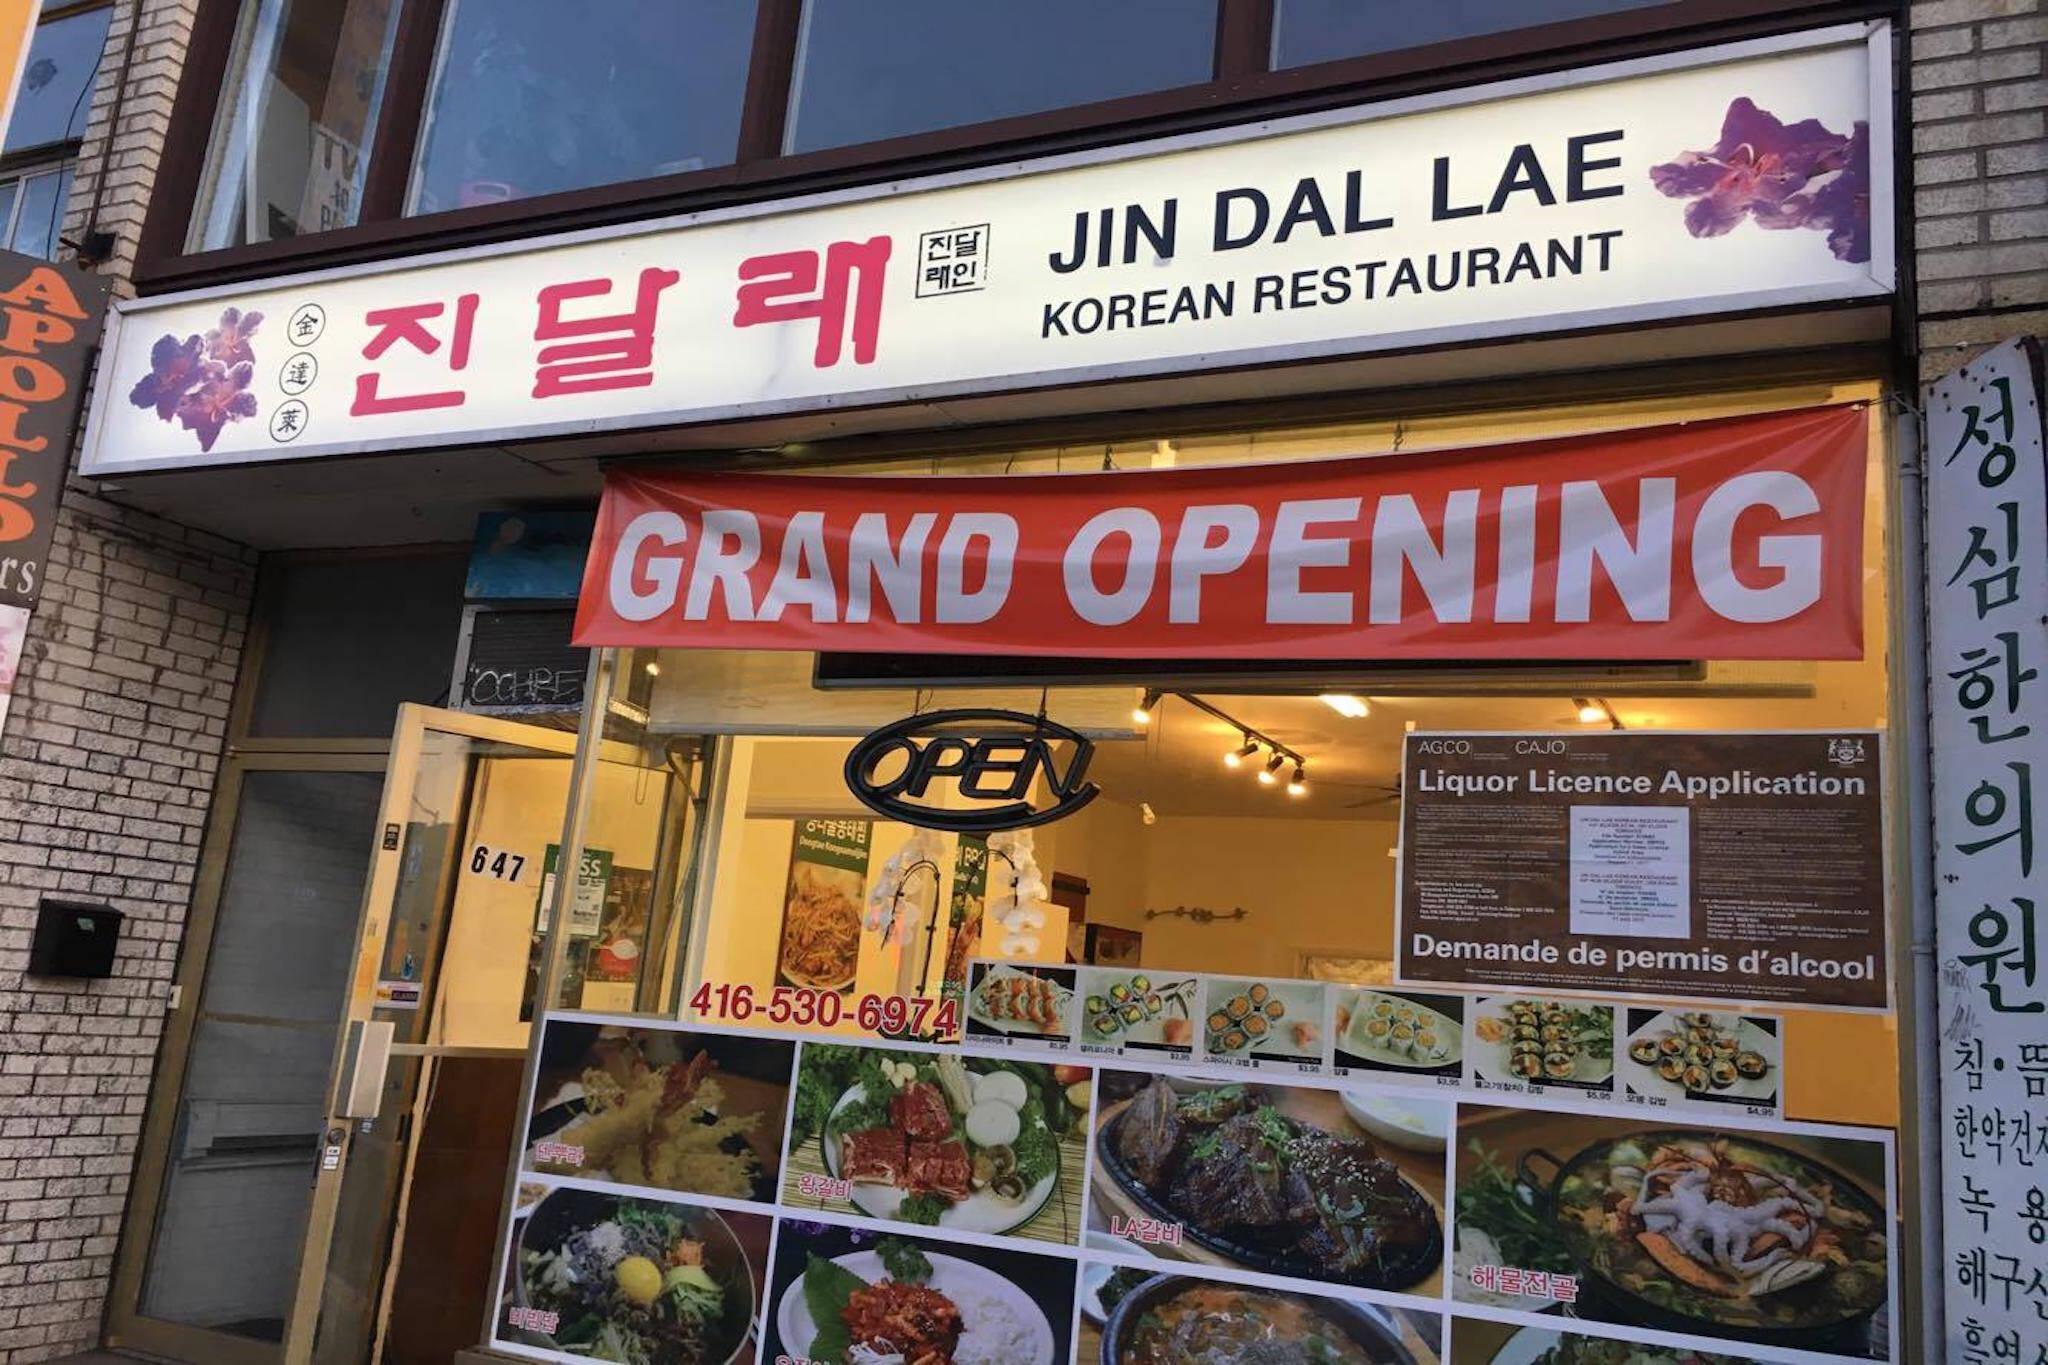 Jin Dale Lae Toronto